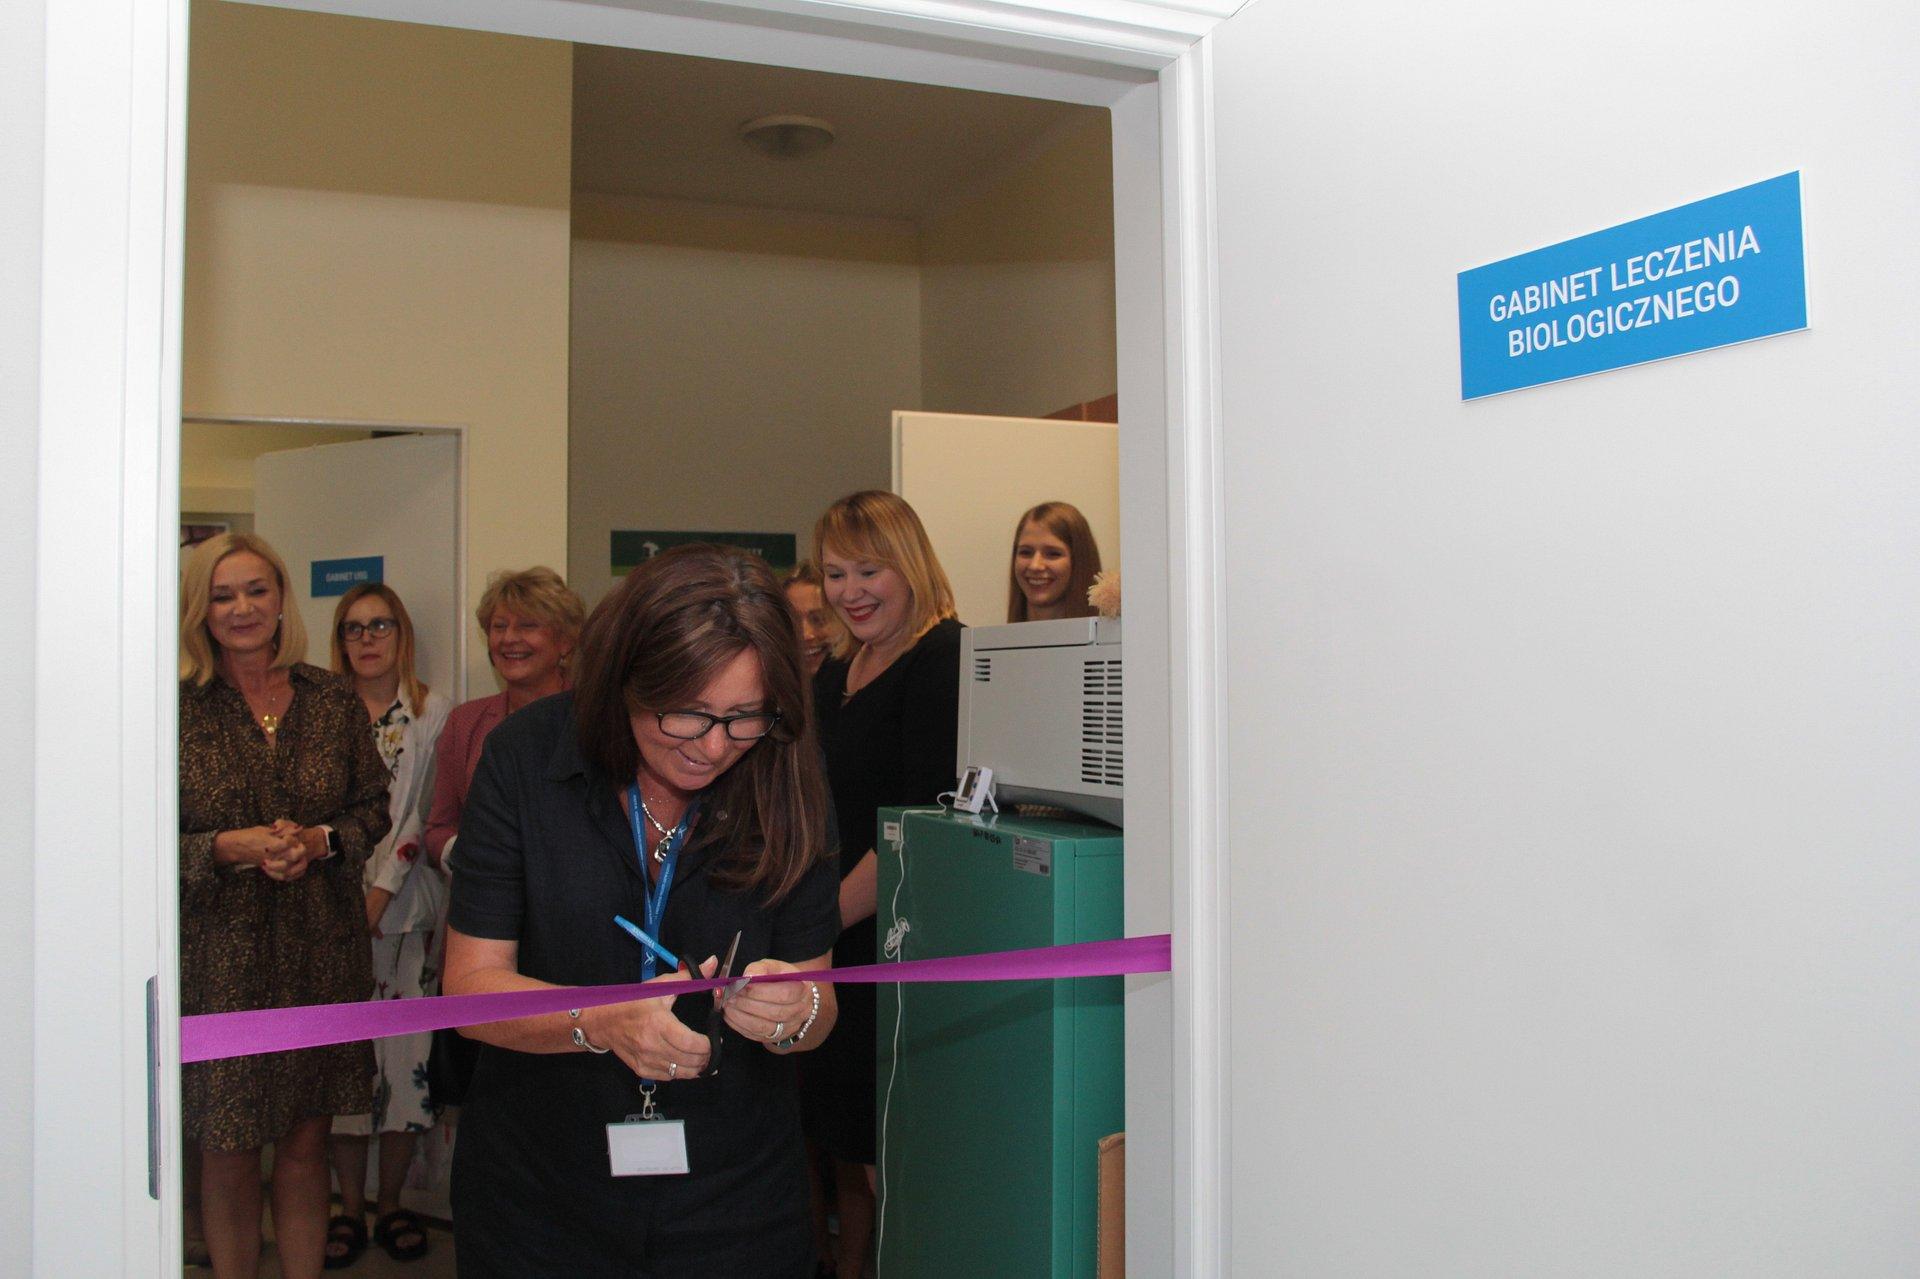 Uniwersyteckie Centrum Pediatrii im. M. Konopnickiej oficjalnie otwiera Salę Podań Leków